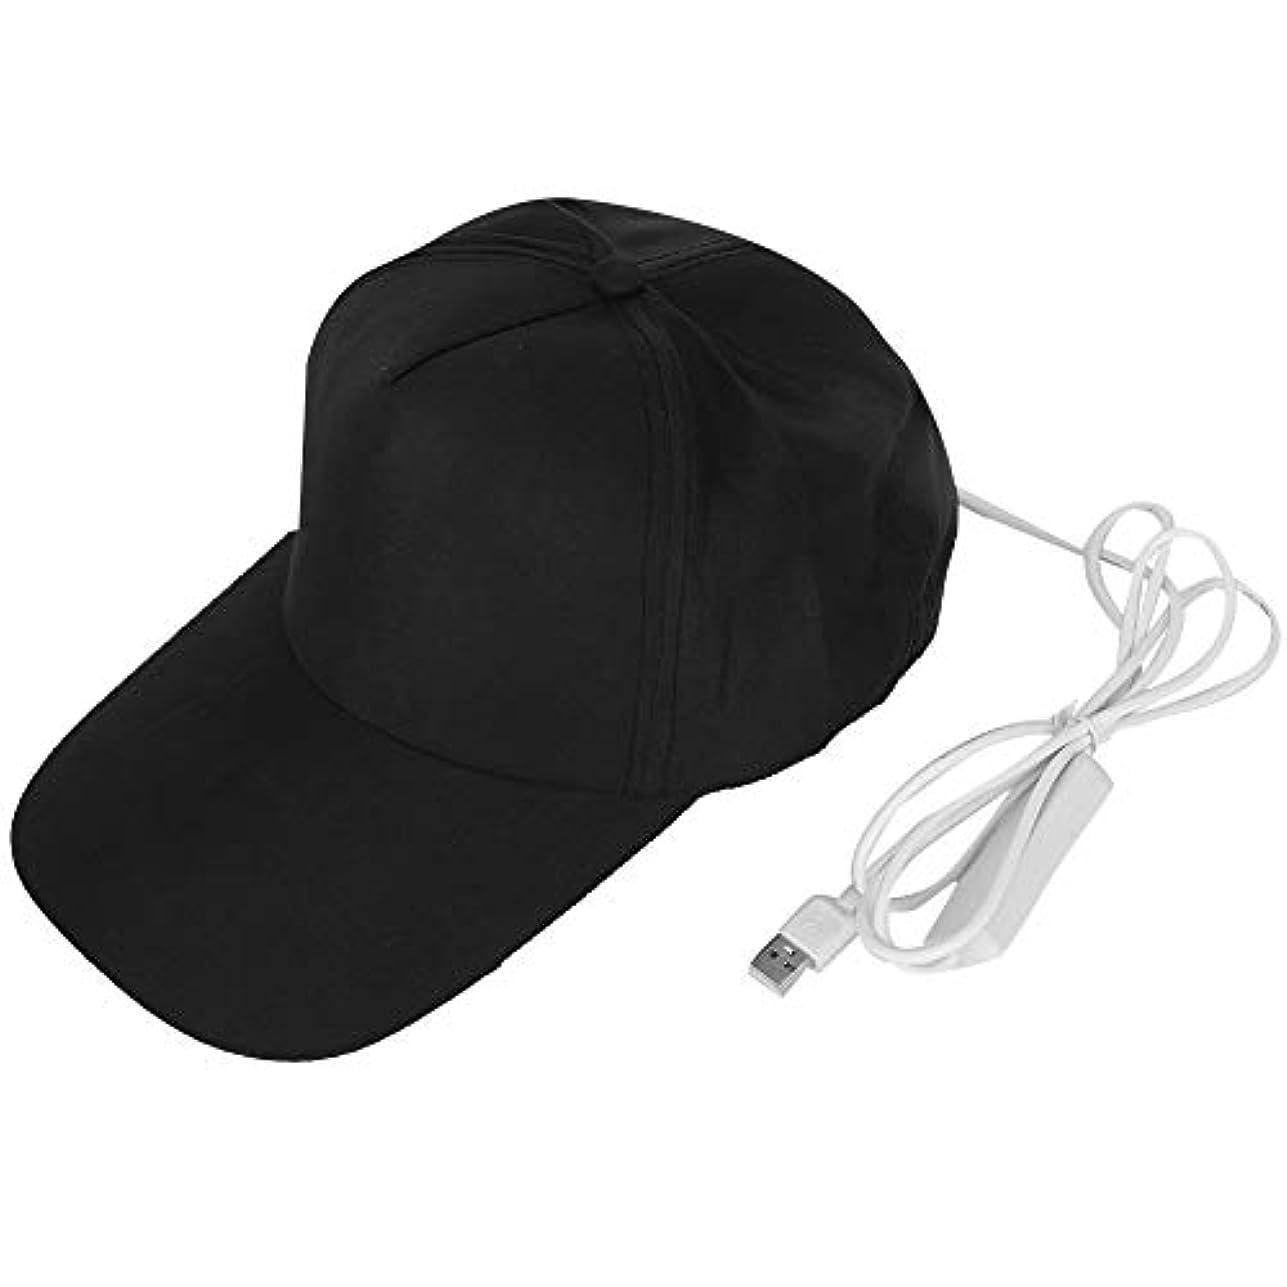 傾向追加する高音調節可能な毛の成長の器械ランプのビードの帽子